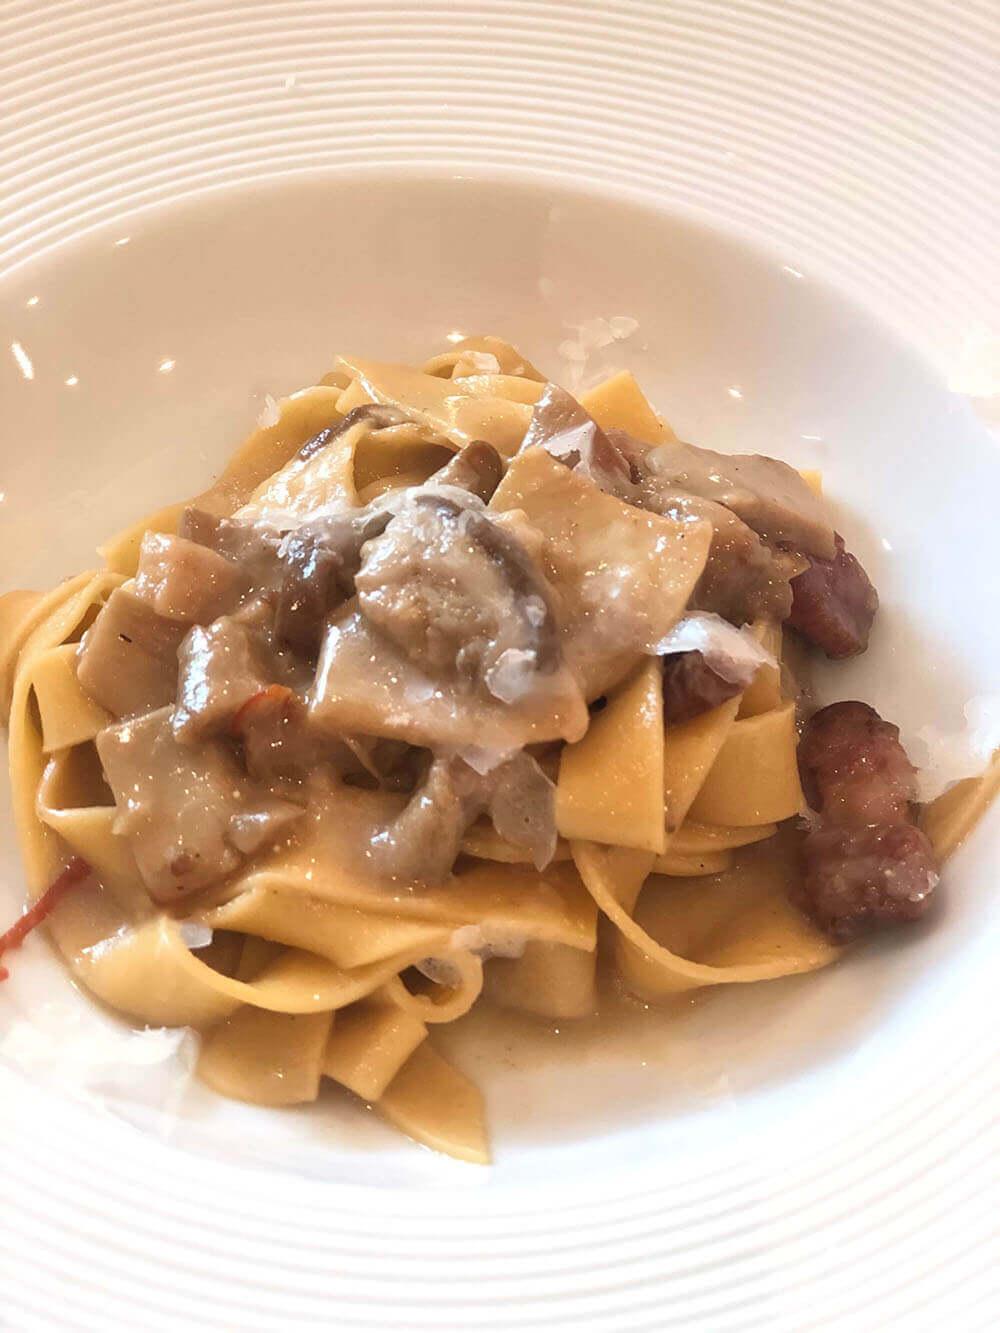 自由が丘の隠れ家レストランmondoで食べられるランチ・パスタ